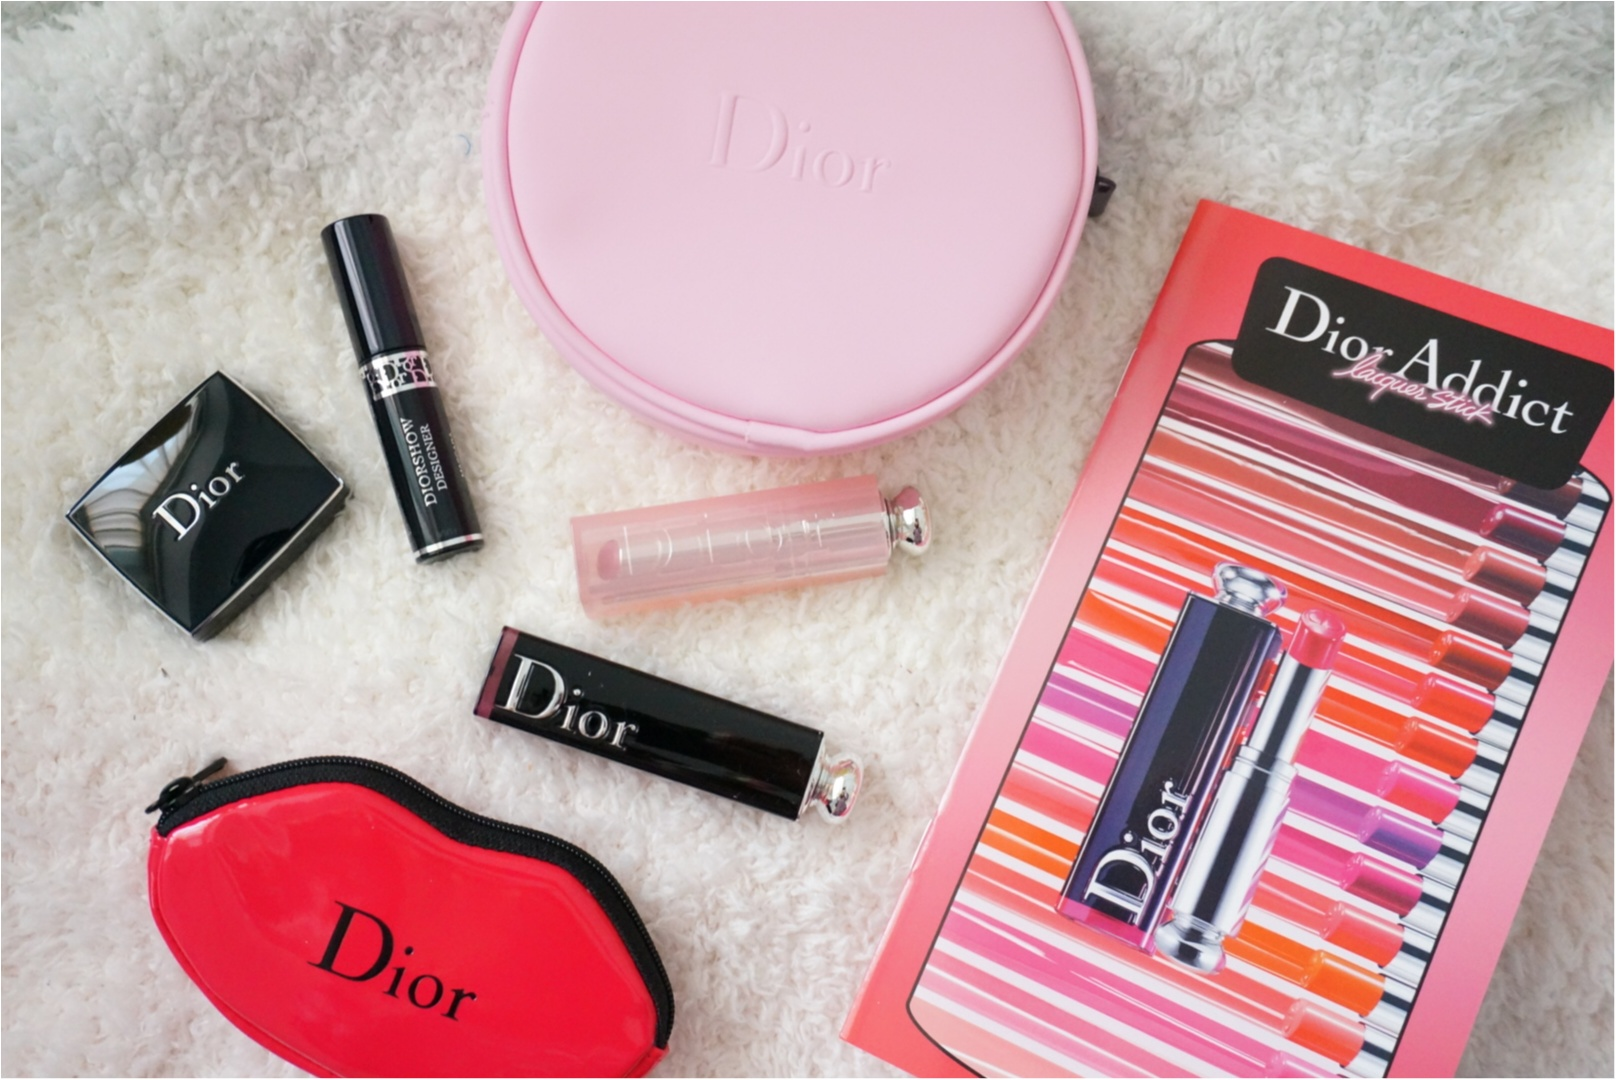 《フォンダンリップ》って何??【Dior ADDICT】から新リップ・ラッカースティックが登場❤️_8